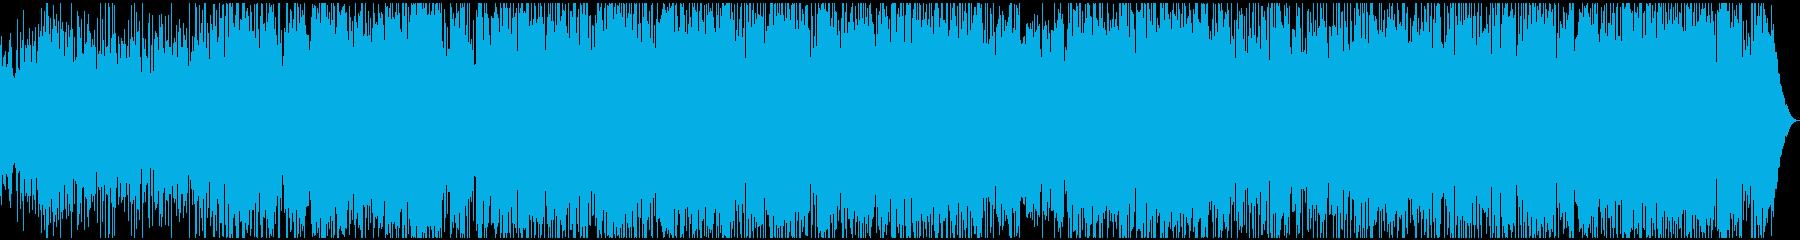 元気に力強く奏でるポップ・ロックの再生済みの波形